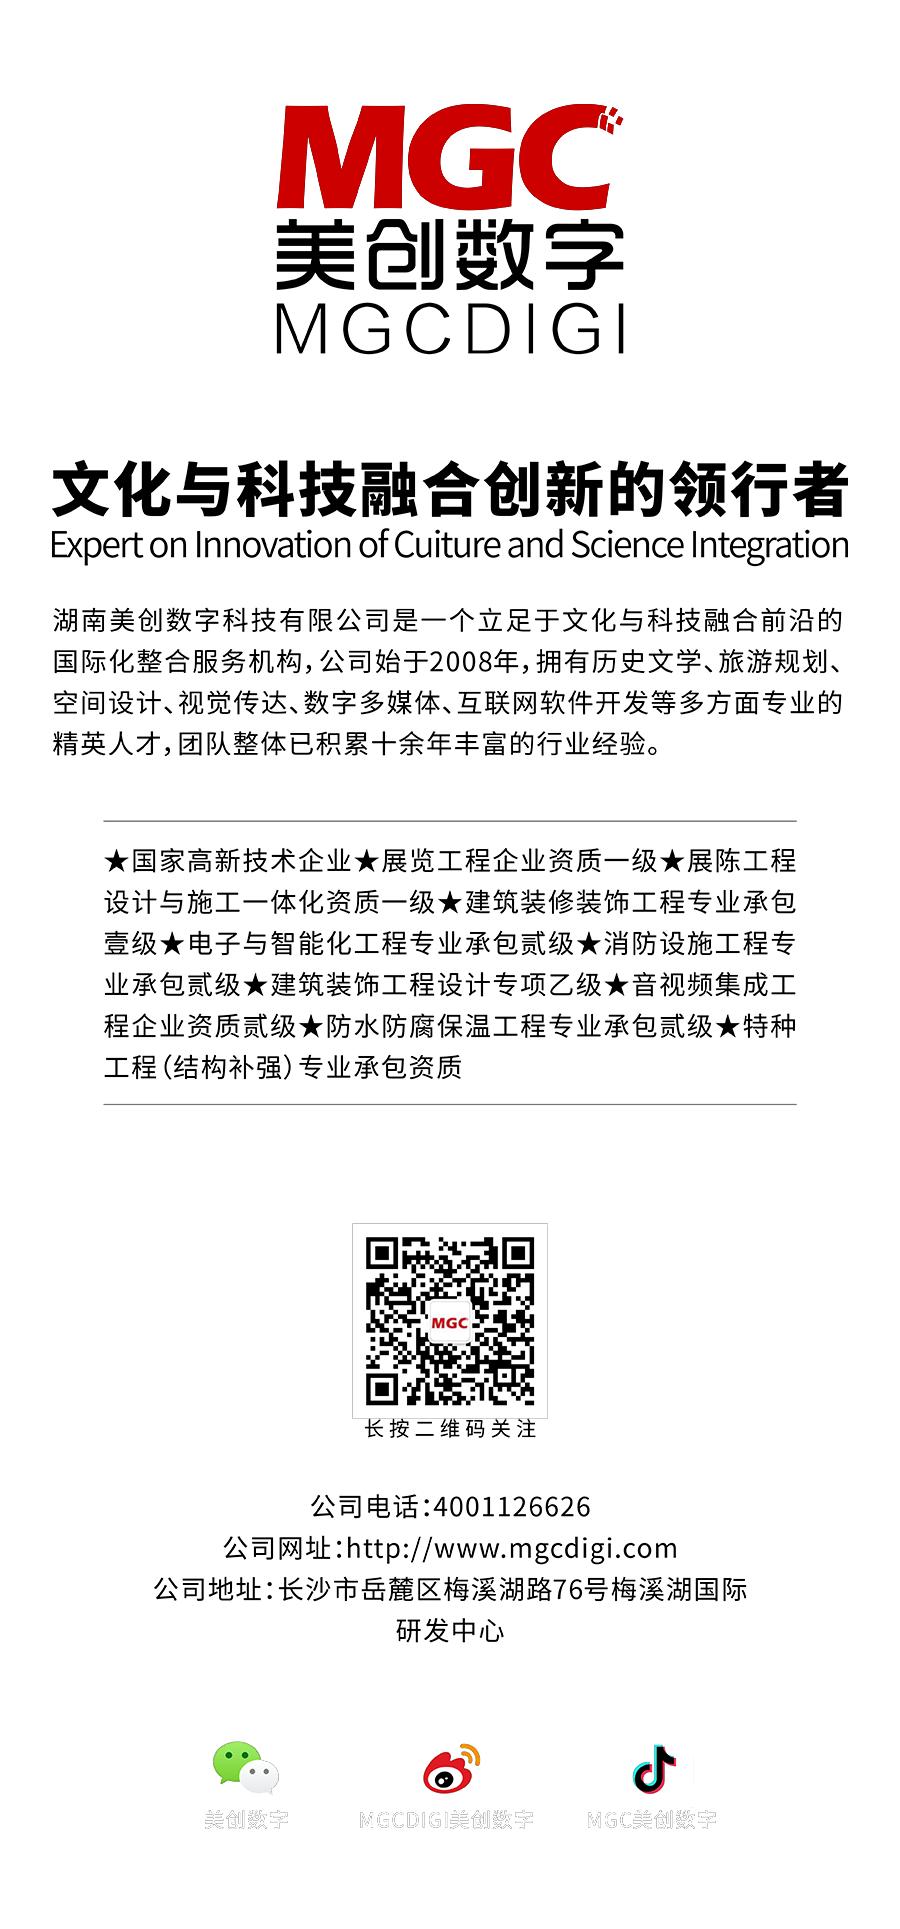 拉萨项目纪实 | 藏文设计排版的苦与乐